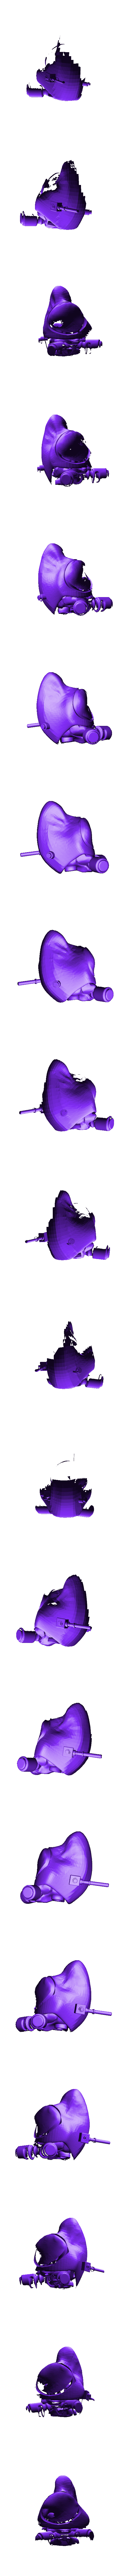 Reposed_Ranger_5.1_-_Head.stl Télécharger fichier STL gratuit Rangers mécanisés martiens • Plan à imprimer en 3D, ErikTheHeretek